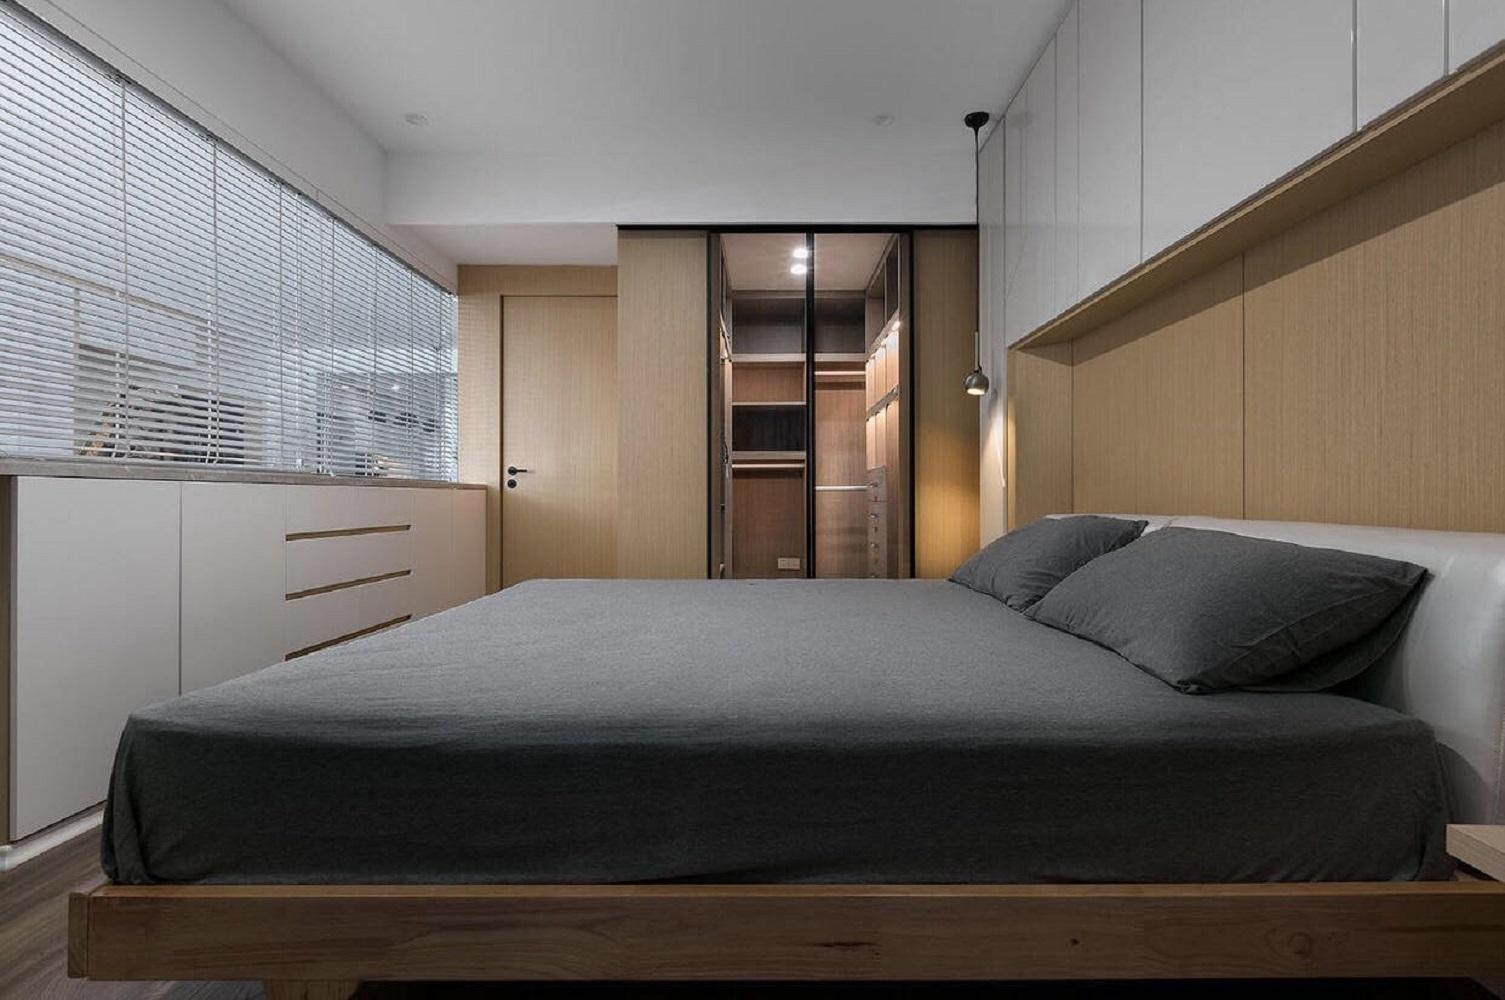 110㎡简约之家卧室效果图